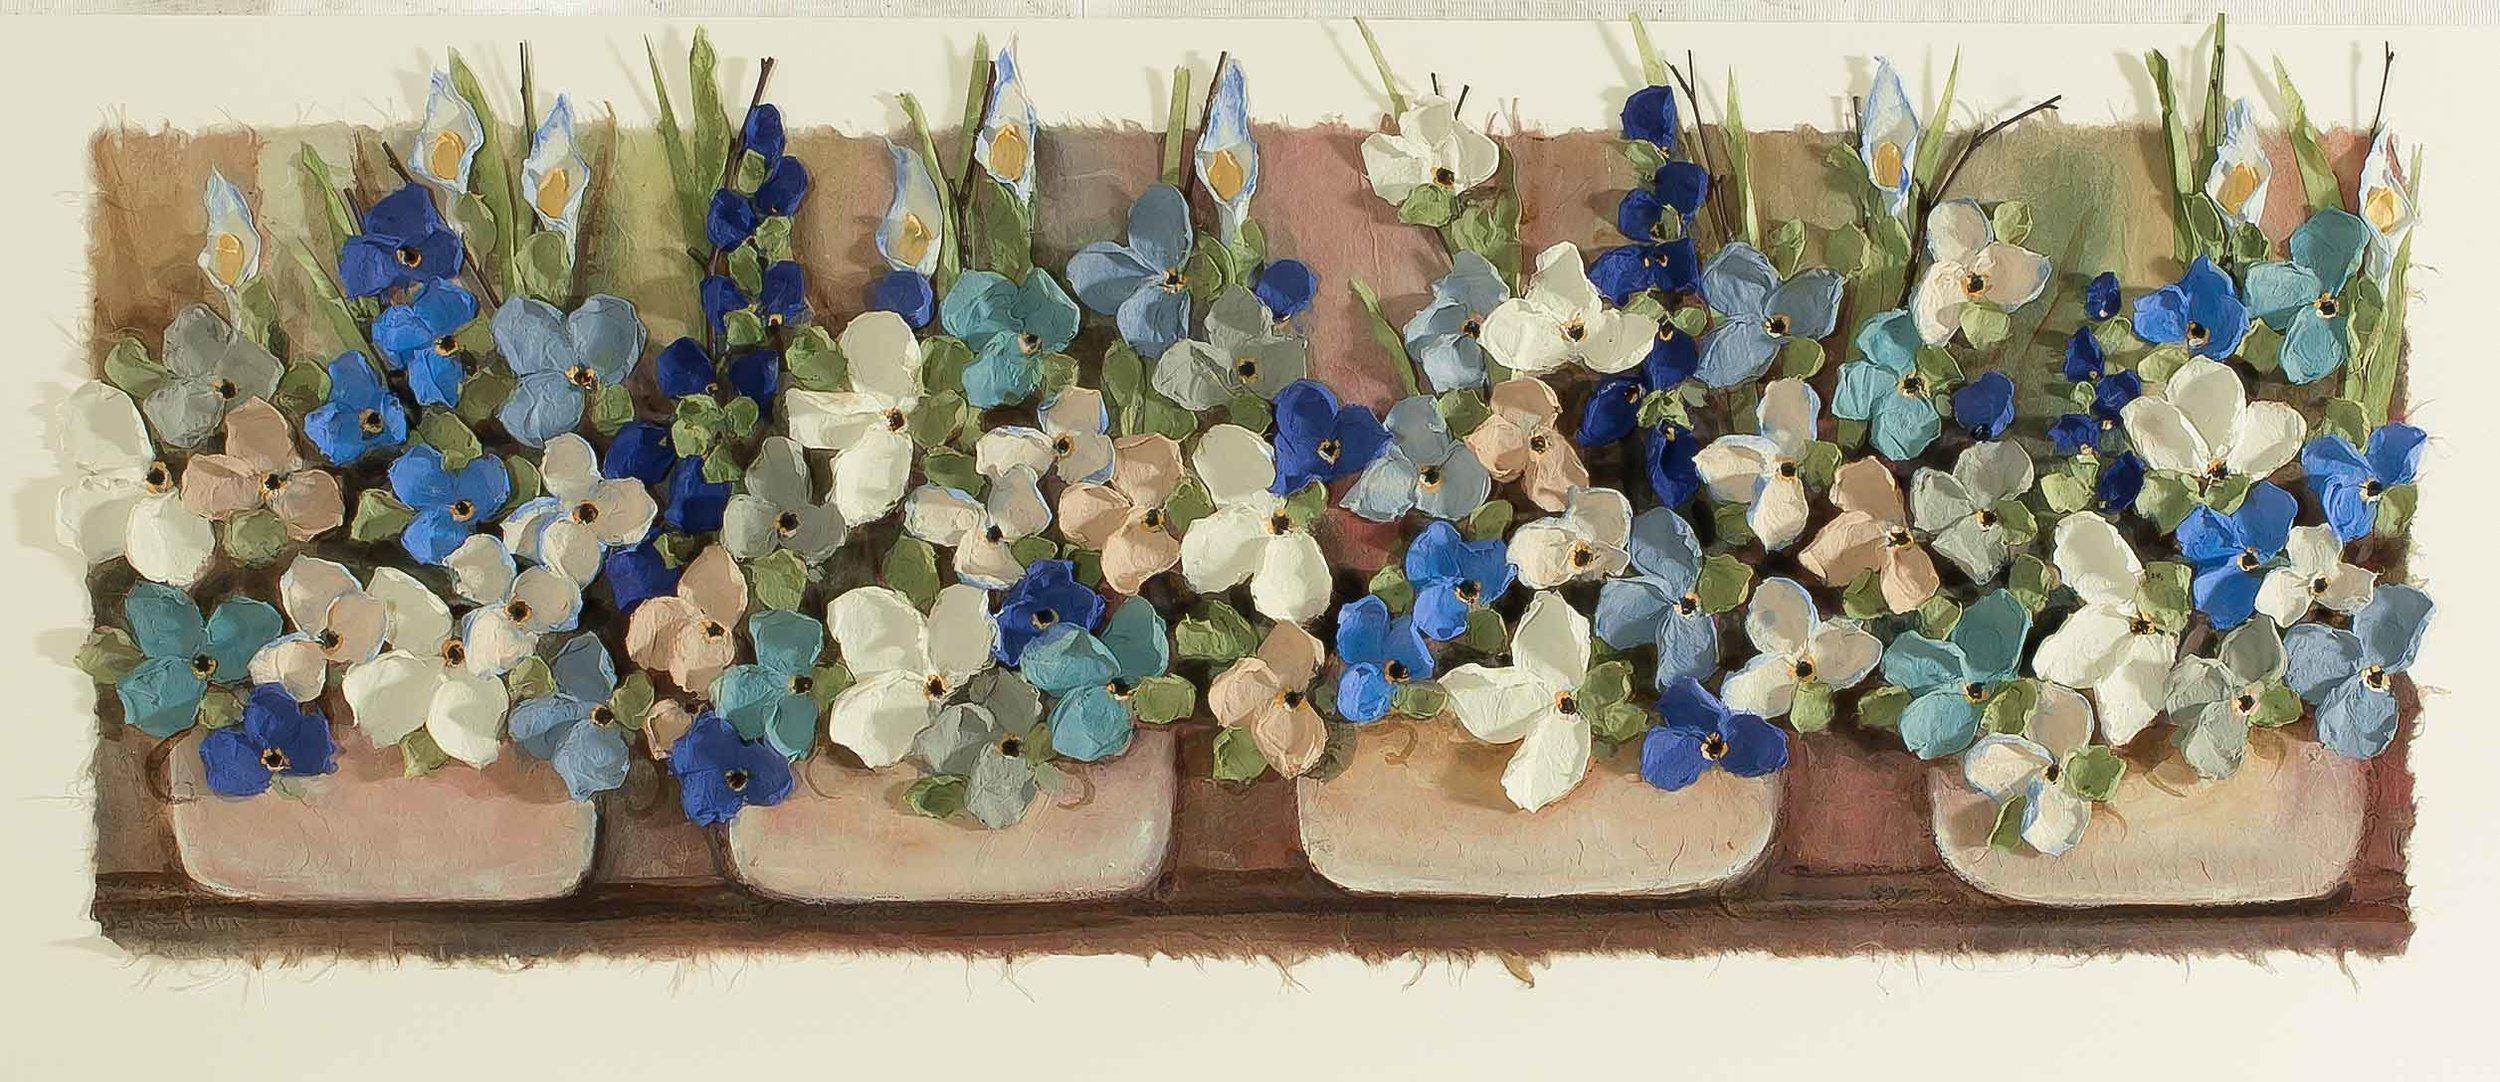 Copy of Mist Floral Blue Pot 16x36